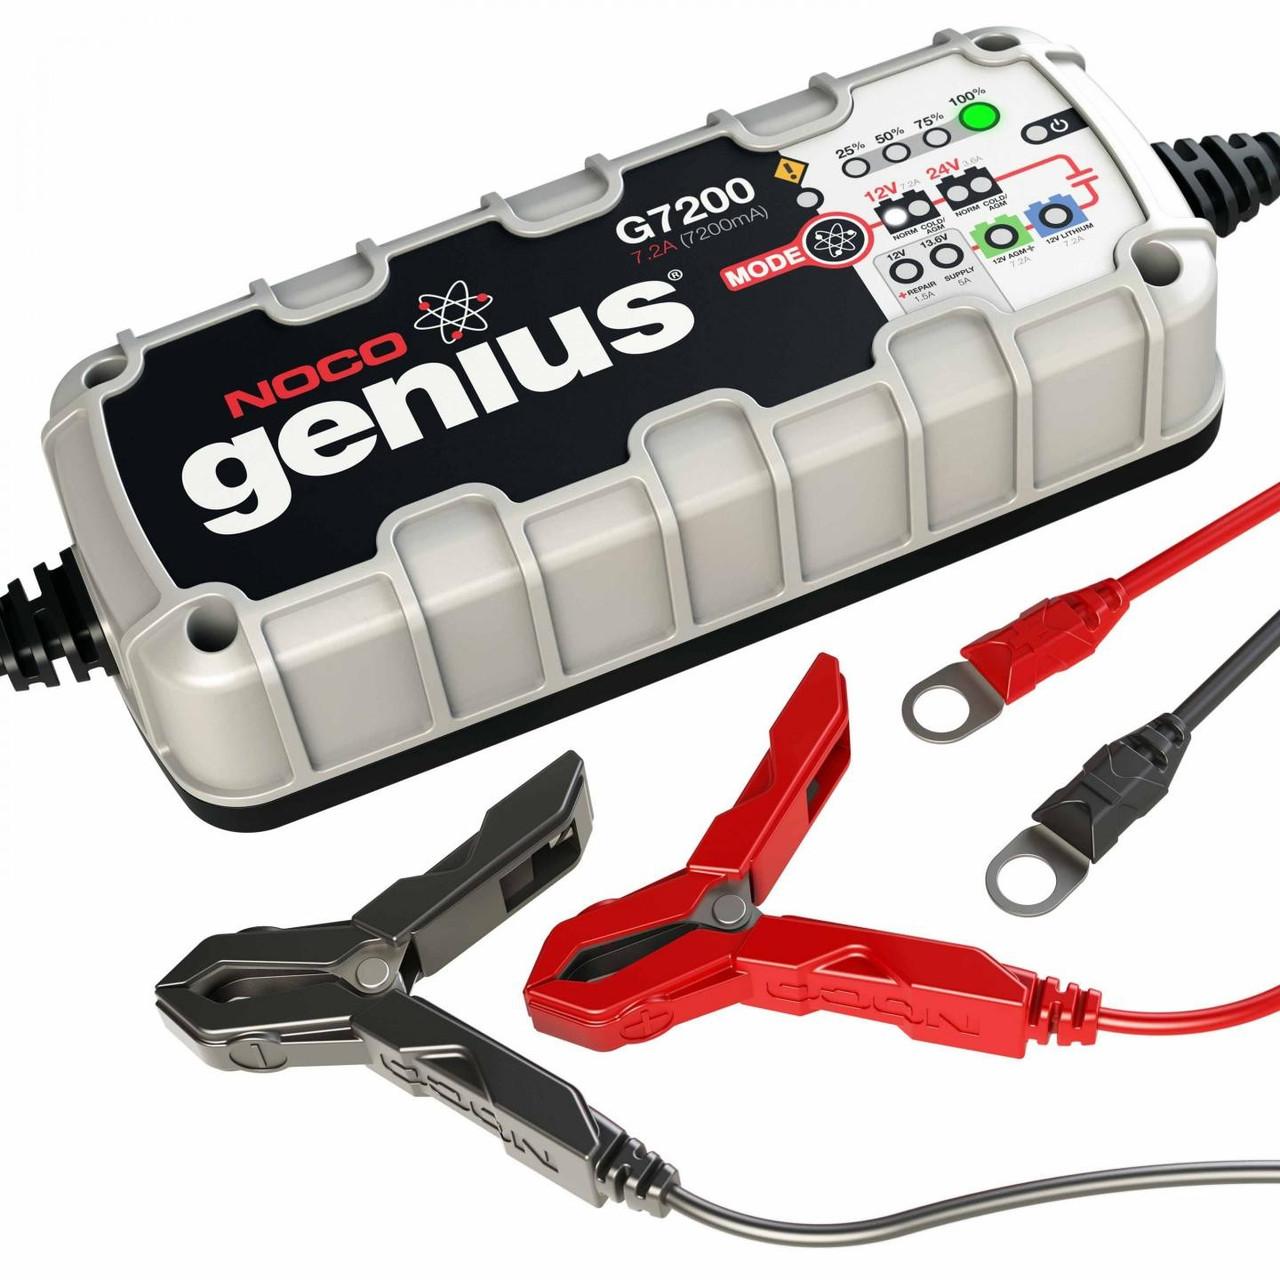 Зарядное устройство для автомобильного аккумулятора NOCO GENIUS G7200EU, IP65, 7,2 А, 132 Вт, гарантия 5 лет